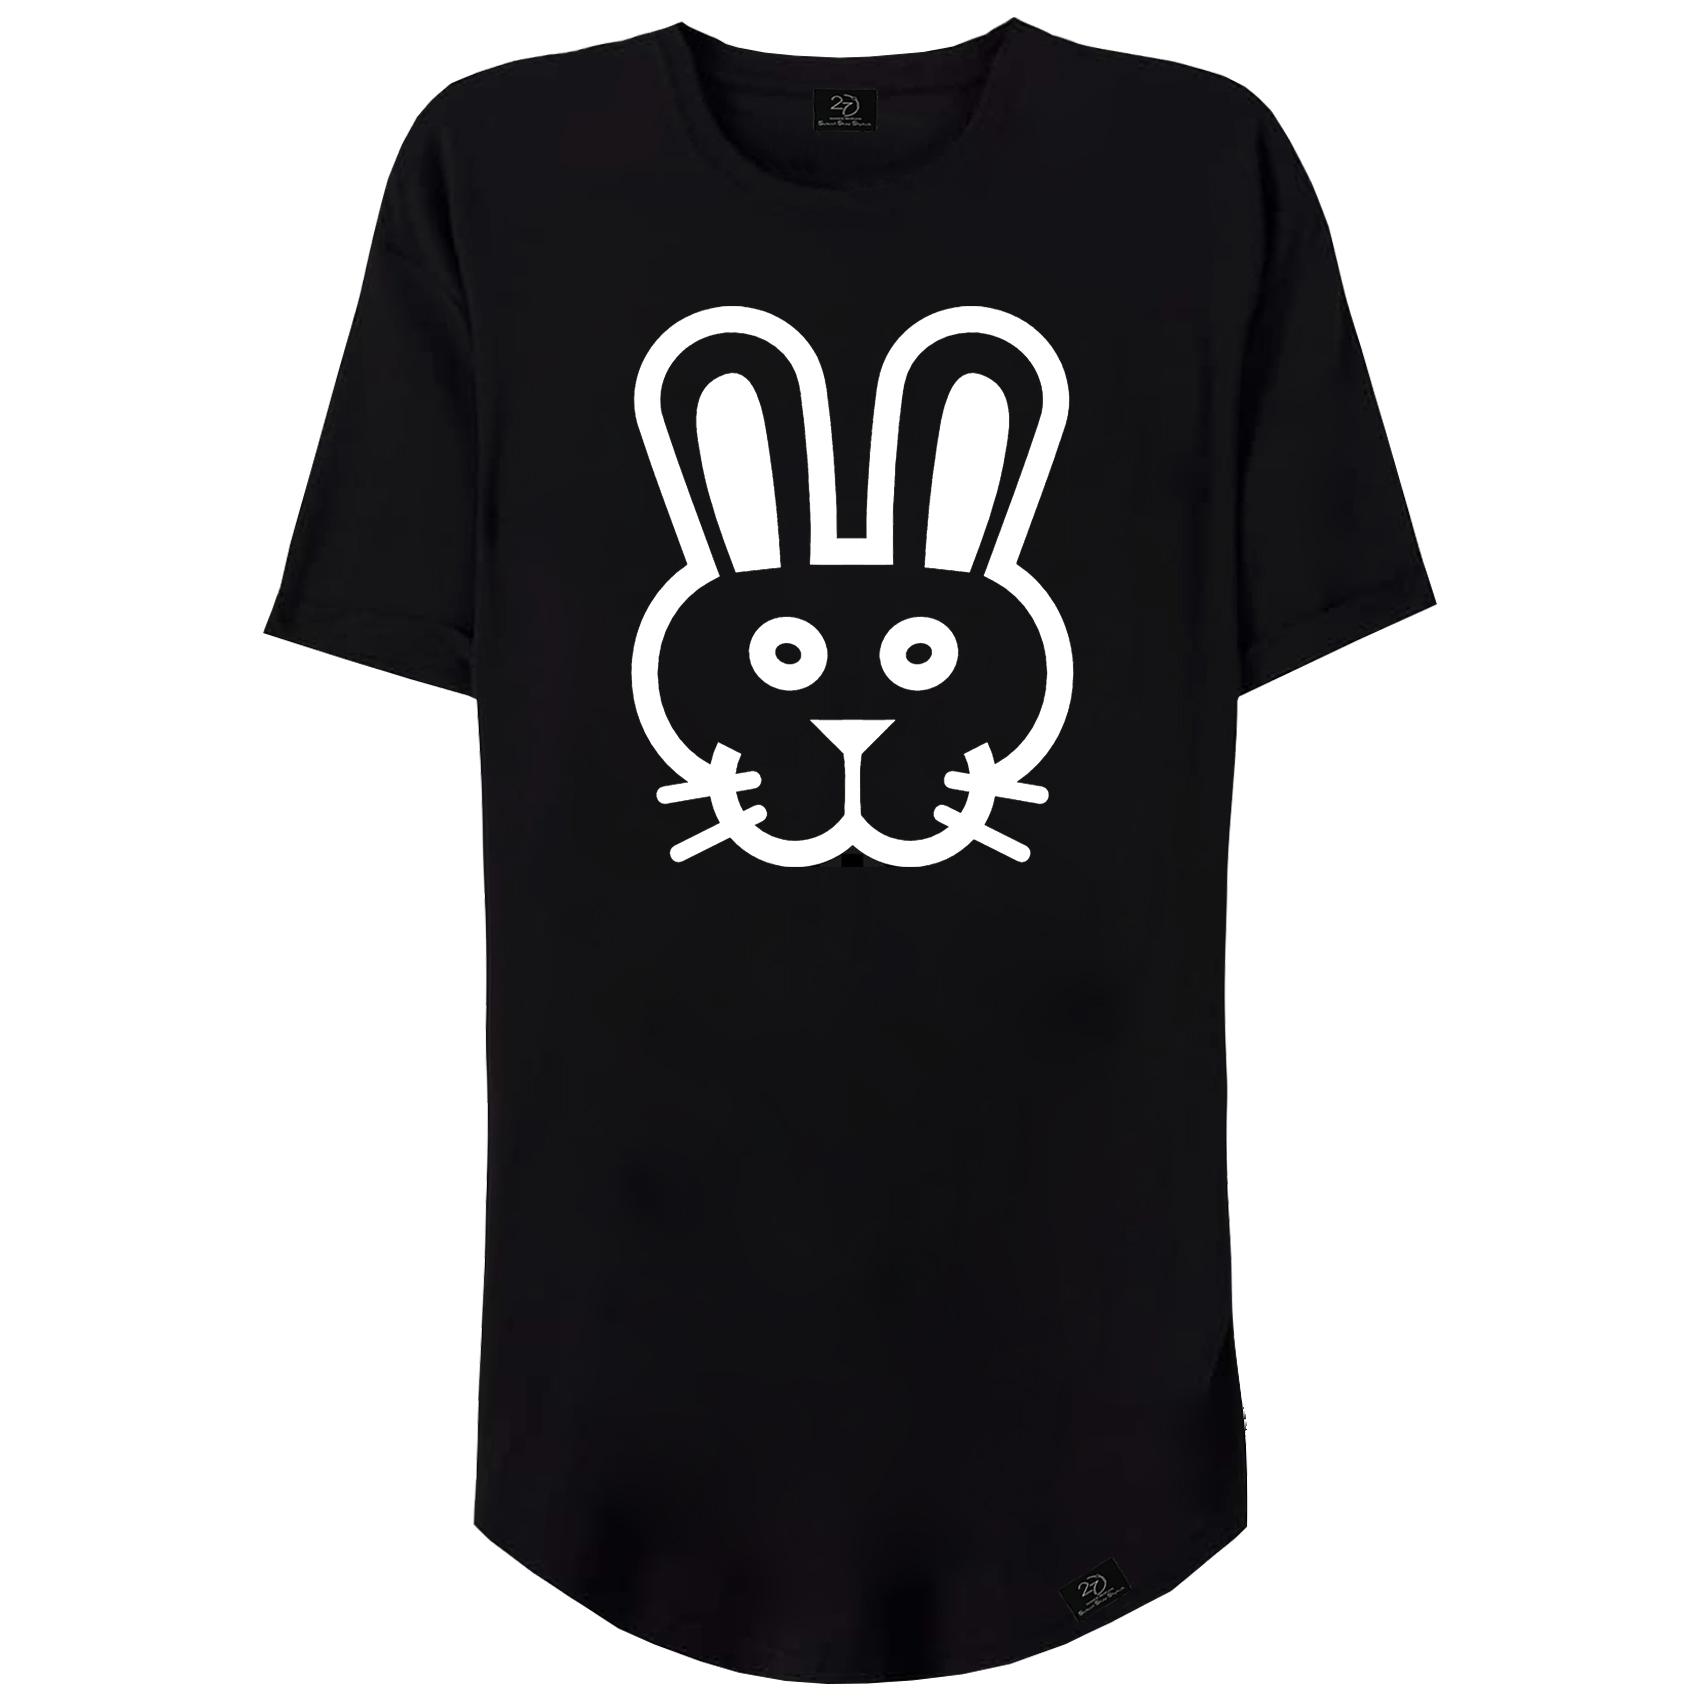 تیشرت زنانه 27 طرح خرگوش کد V03 رنگ مشکی